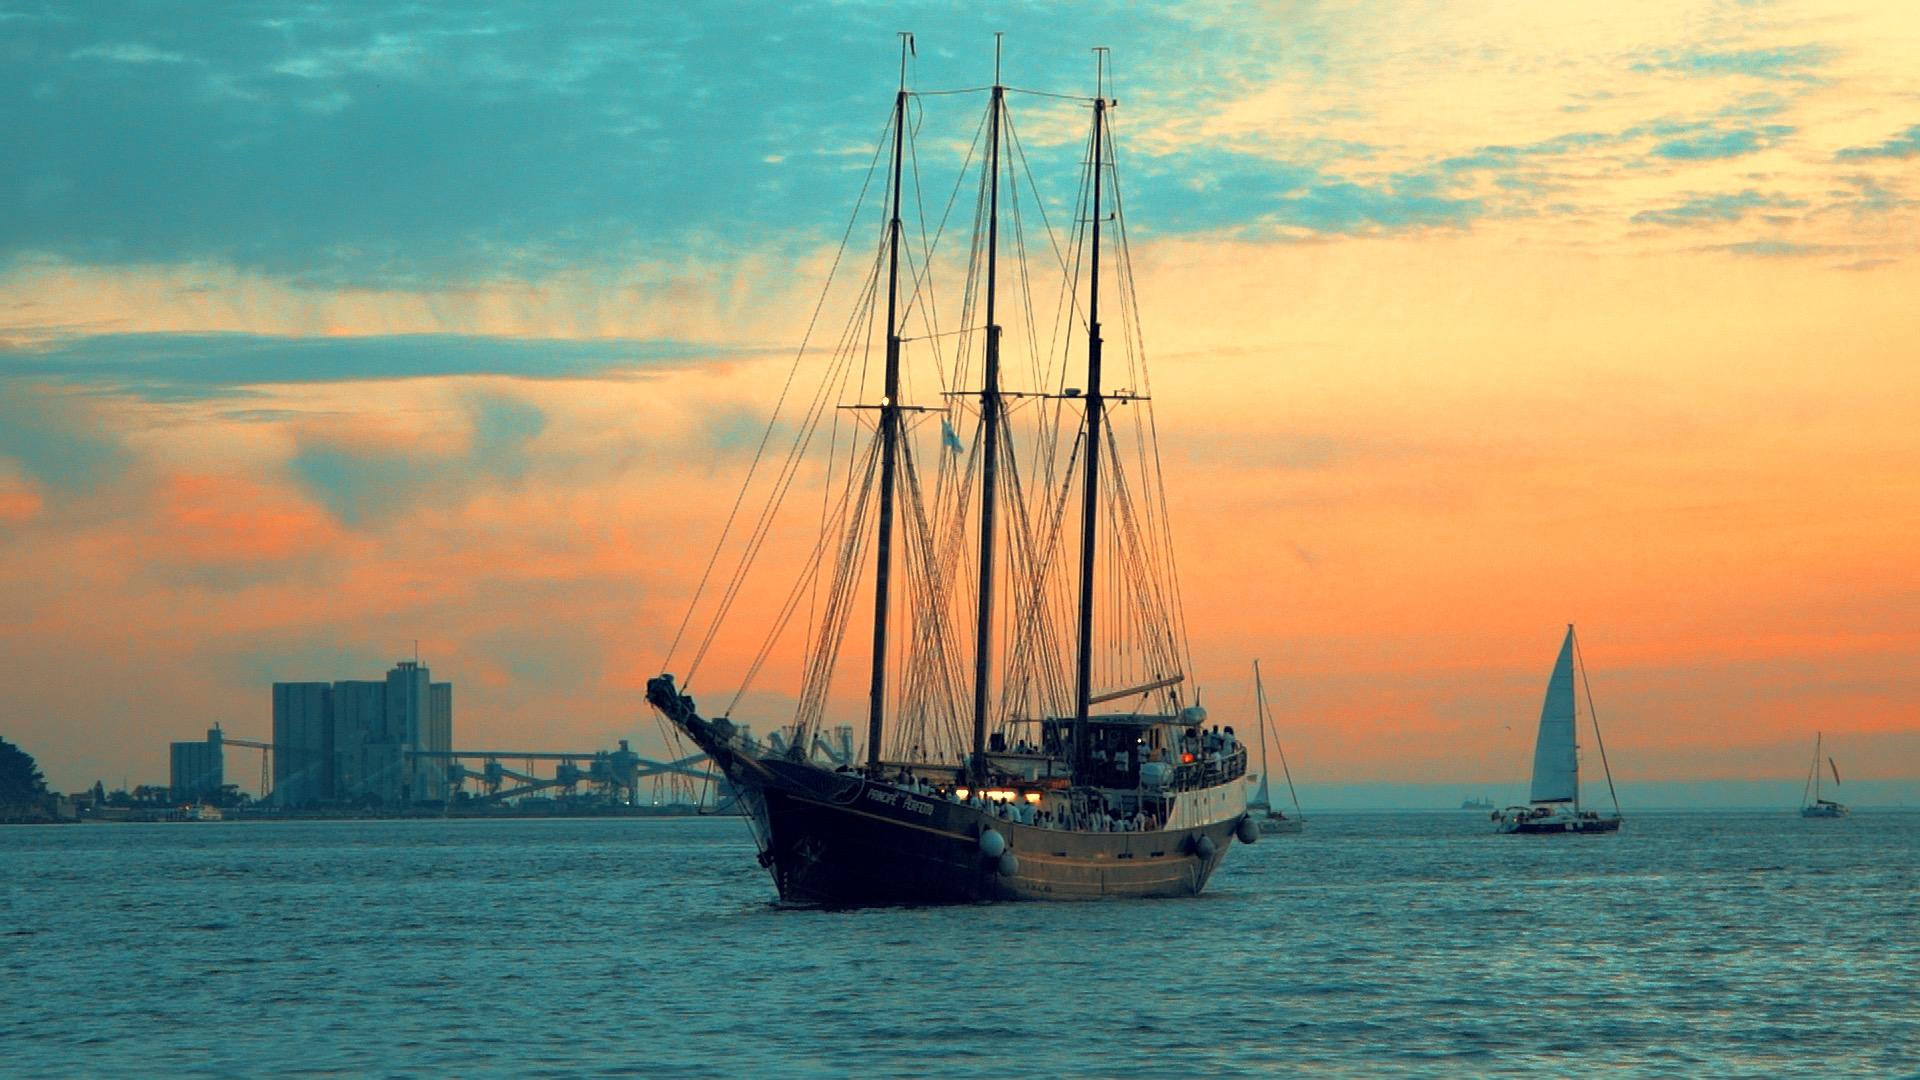 Os melhores passeios e festas de barco no Tejo